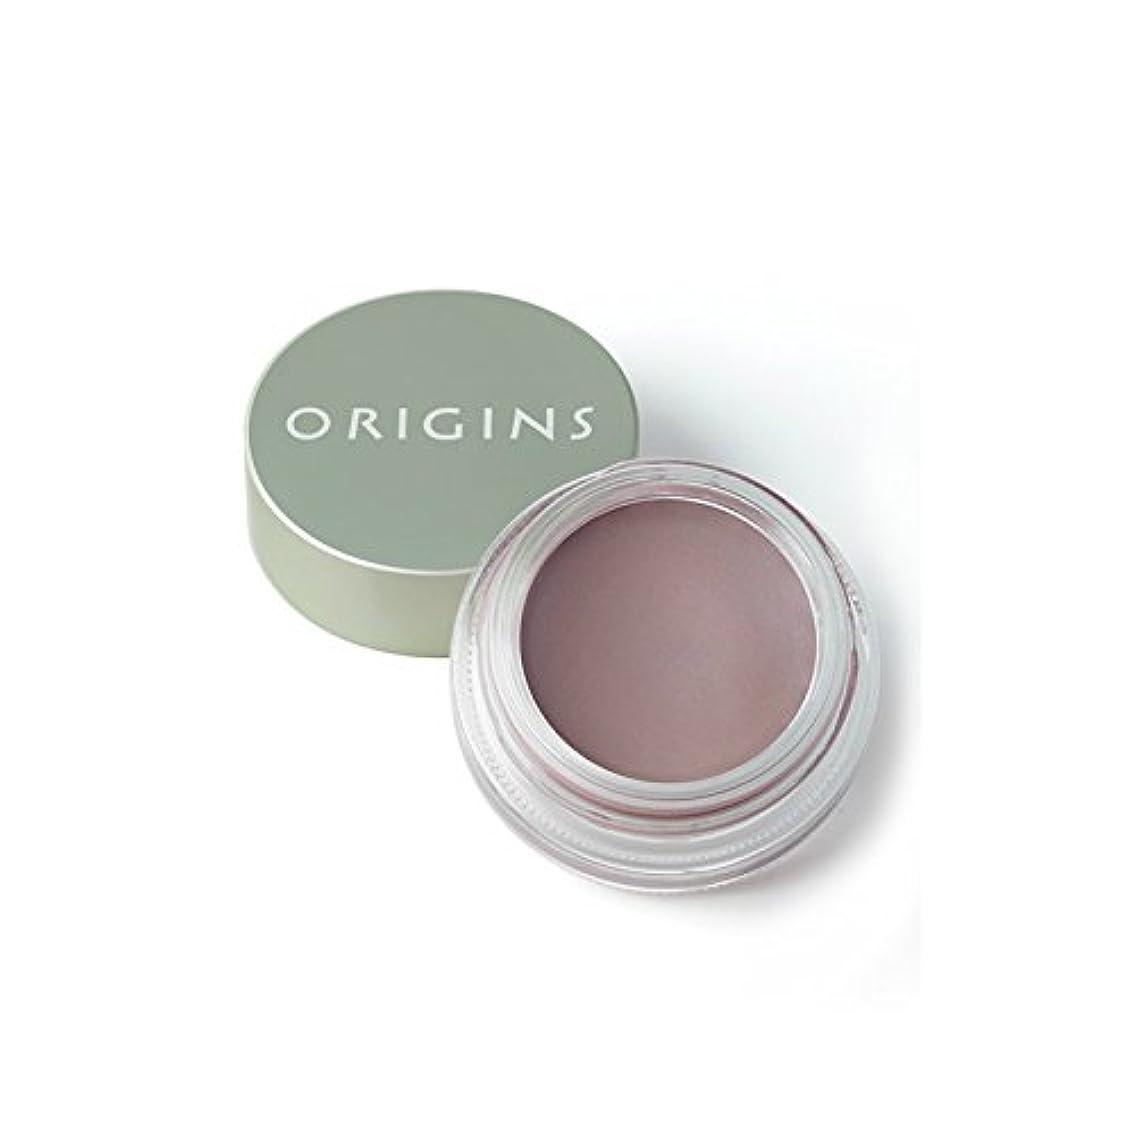 ジャムニュージーランド喜んでGinzing Brightening cream eyeshadow Sugar Peach (Pack of 2) - Ginzing白クリームアイシャドウ糖桃 (x2) [並行輸入品]